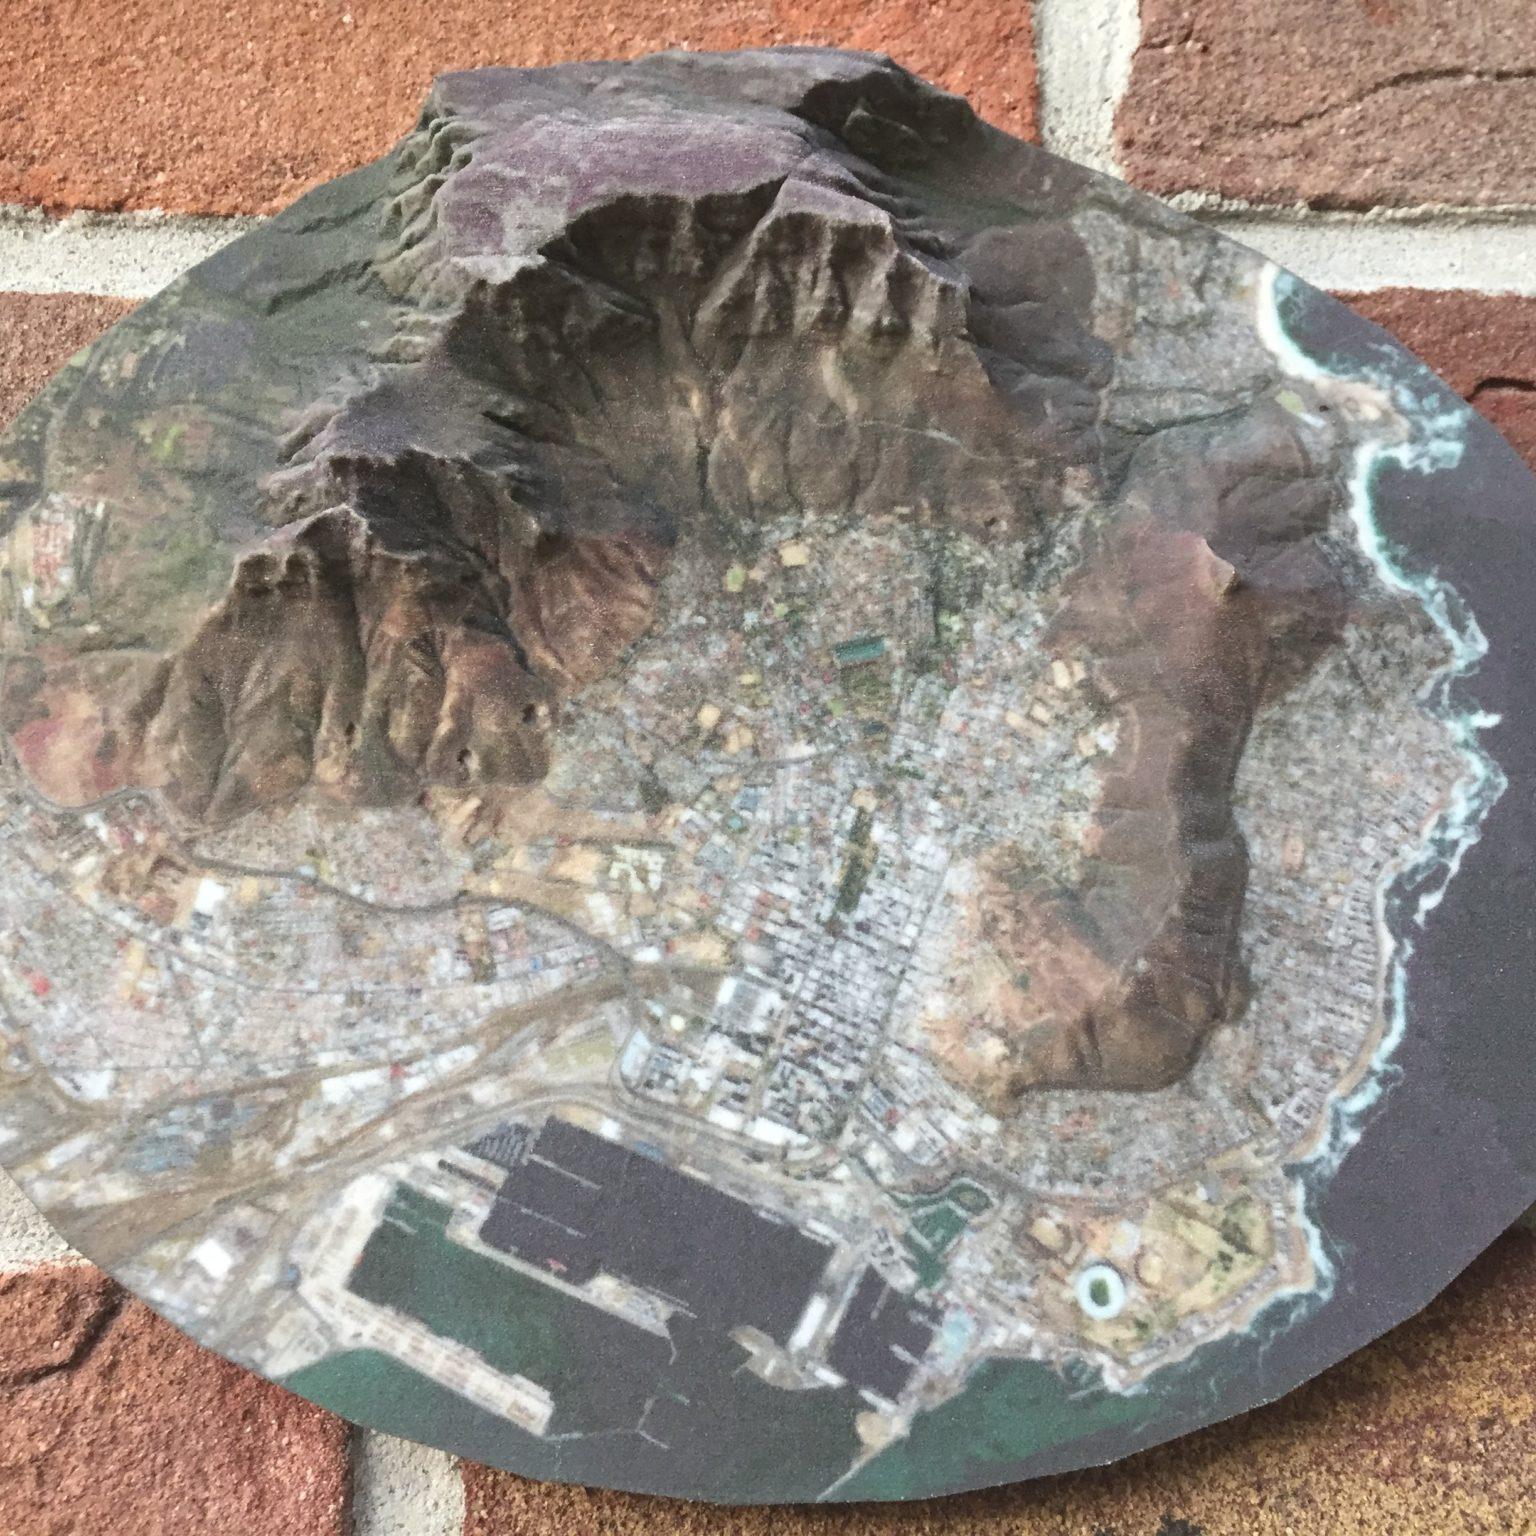 Cape Town - Maatwerk